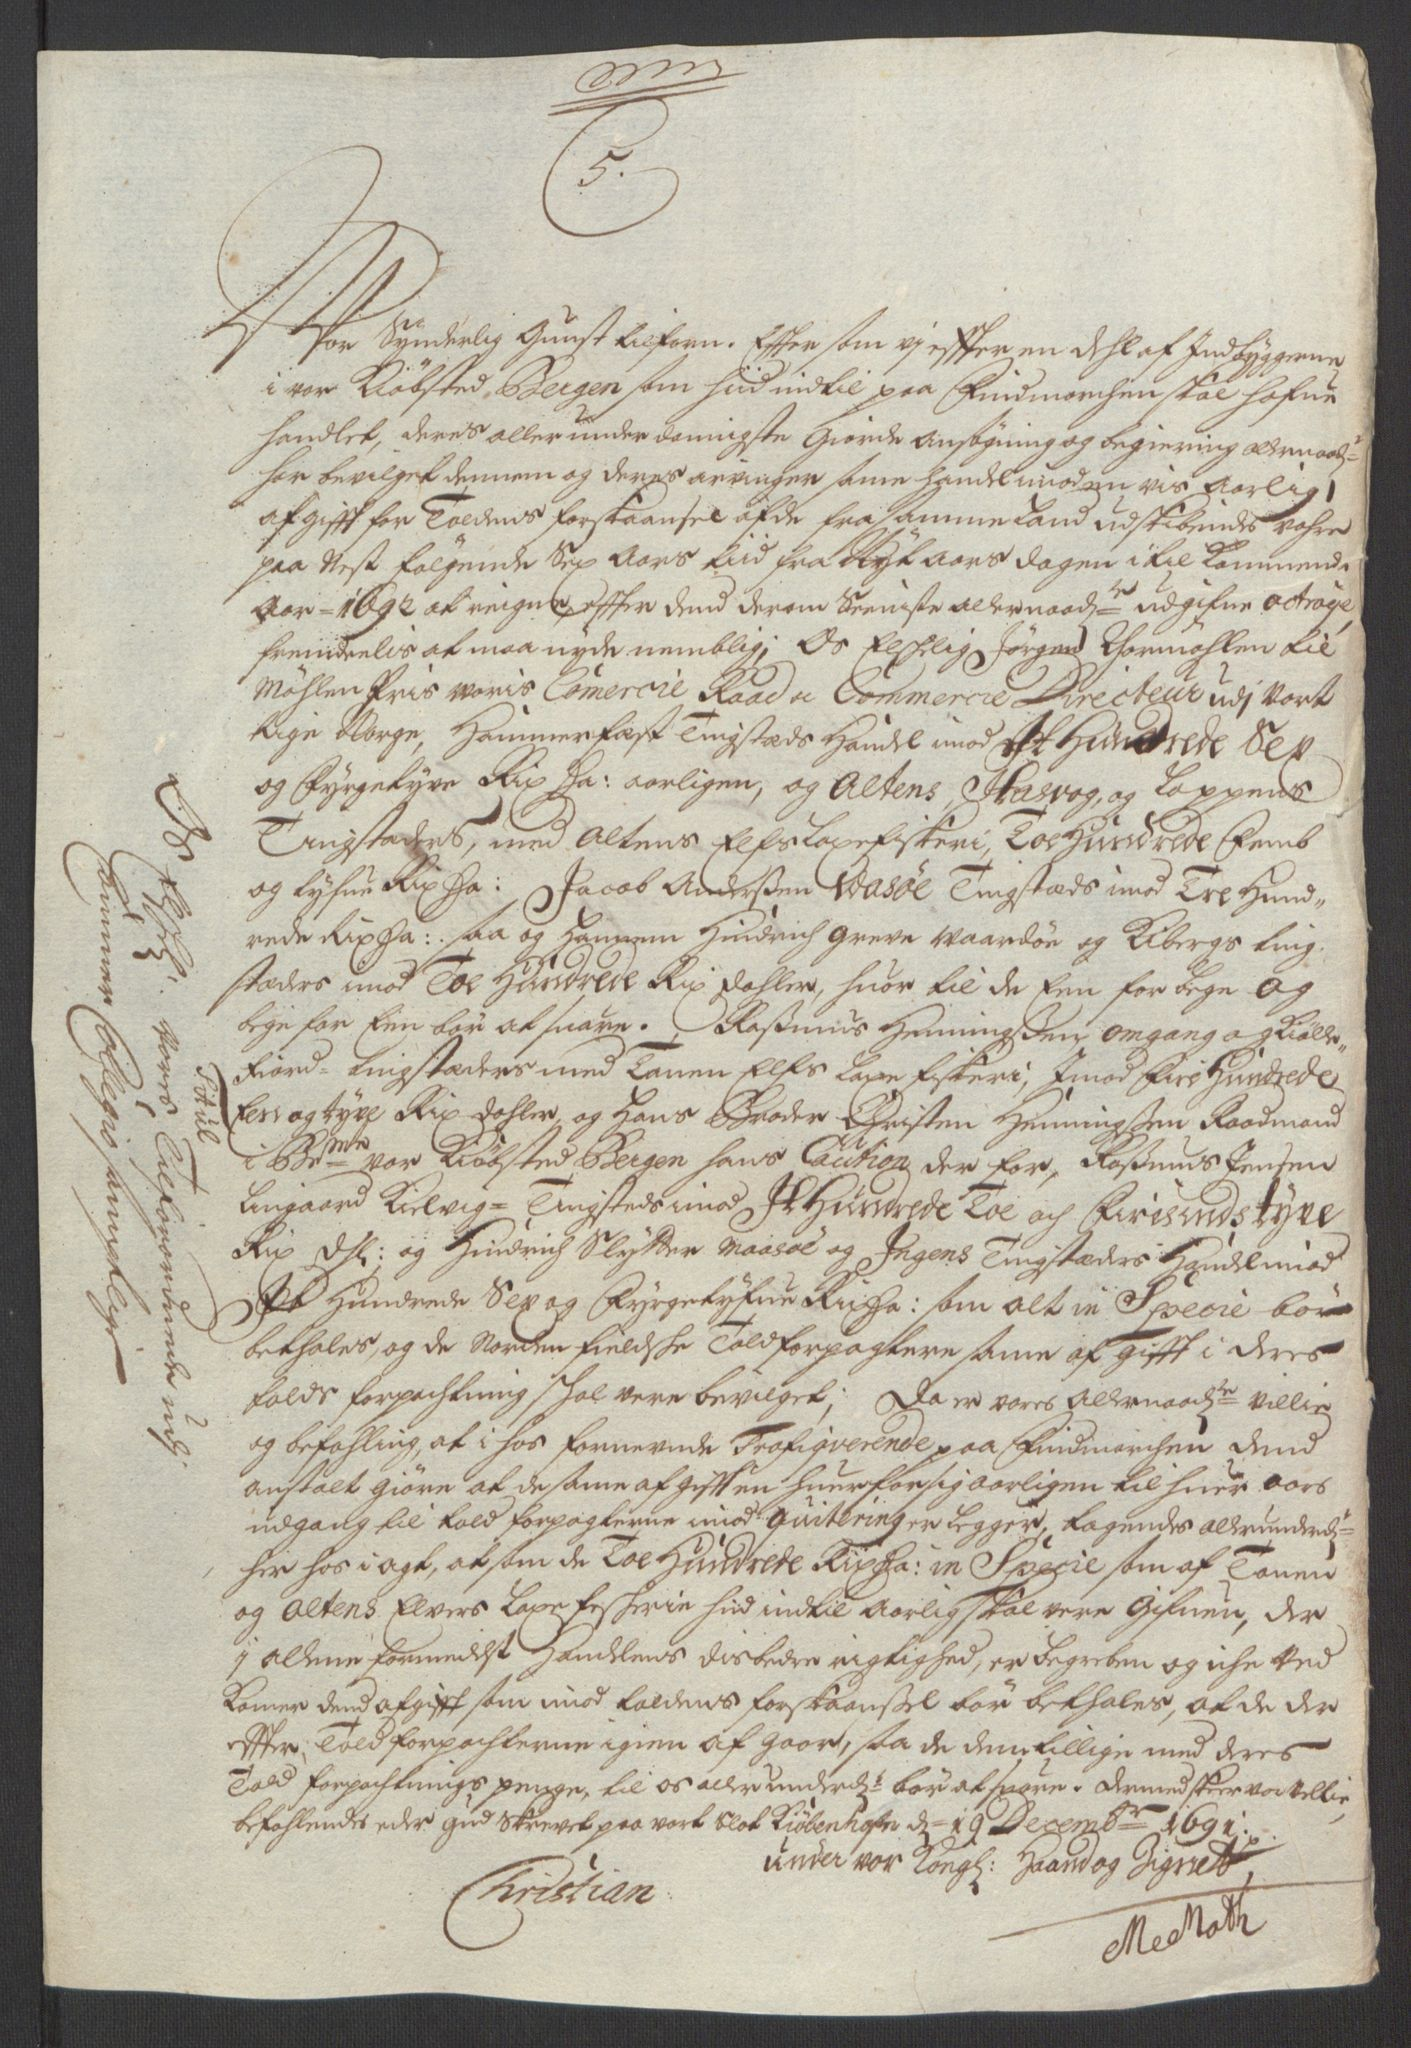 RA, Rentekammeret inntil 1814, Reviderte regnskaper, Fogderegnskap, R69/L4851: Fogderegnskap Finnmark/Vardøhus, 1691-1700, s. 171